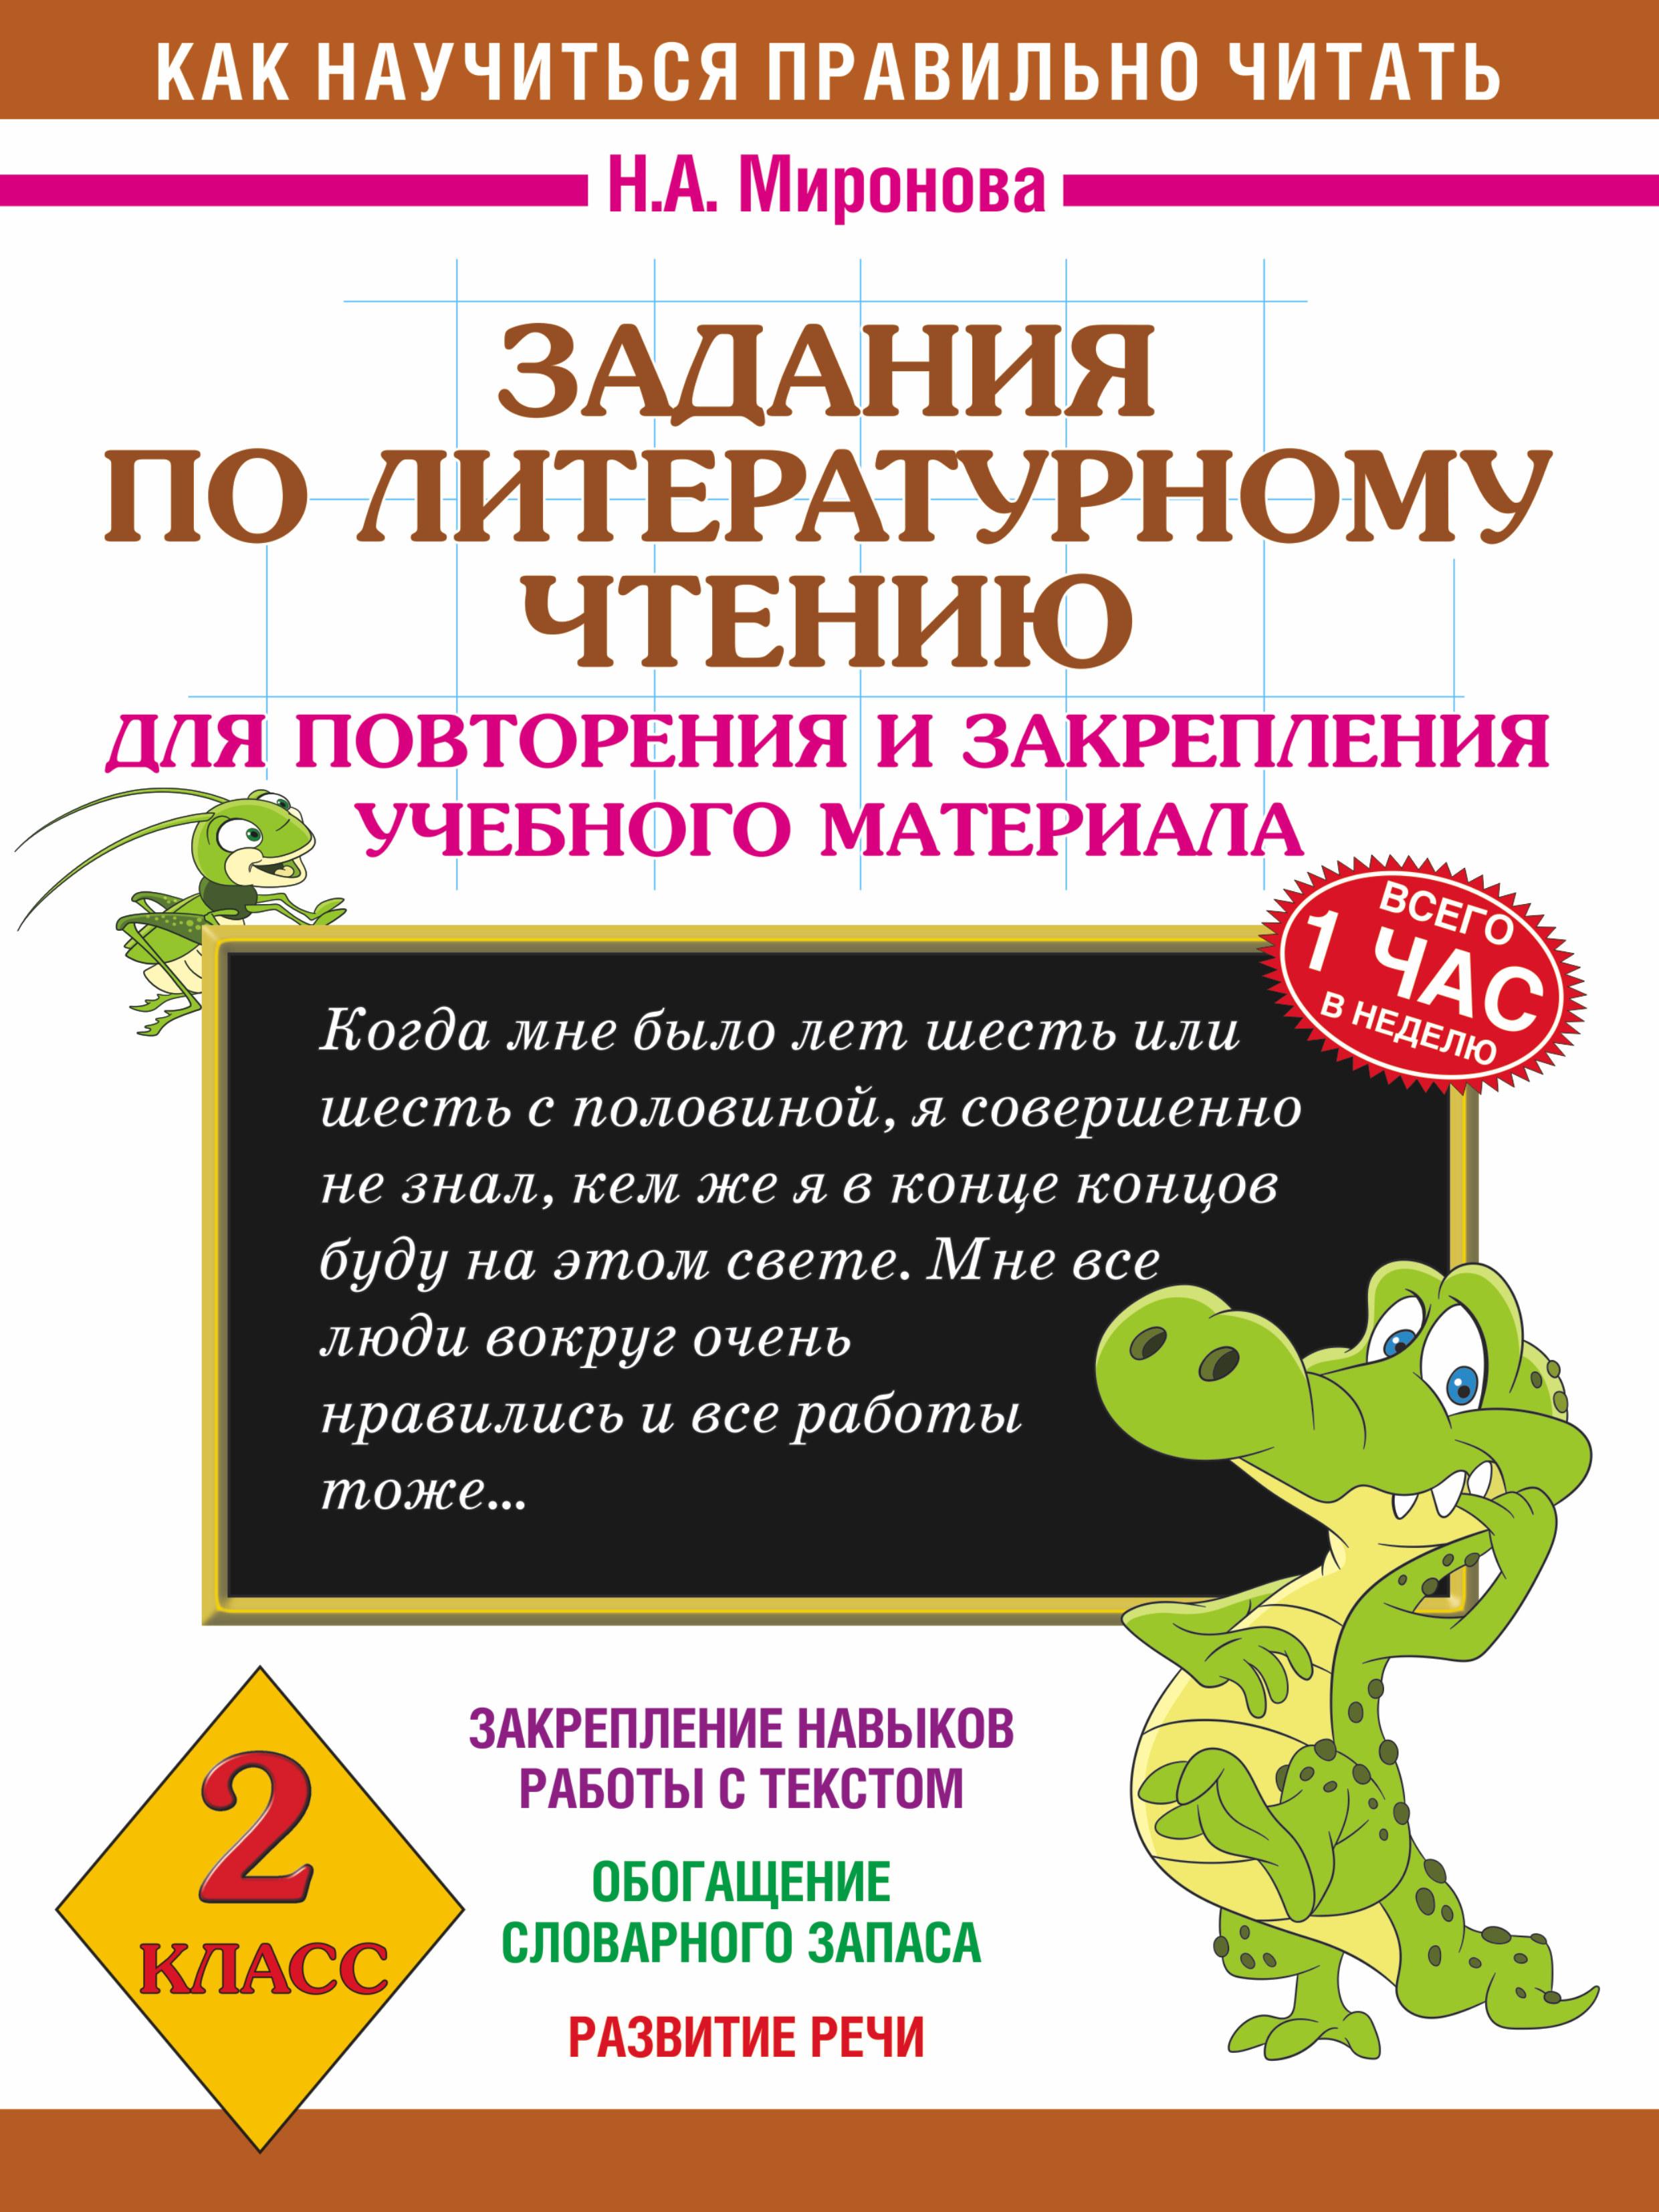 Задания по литературному чтению для повторения и закрепления учебного материала. 2 класс ( Миронова Н.А.  )